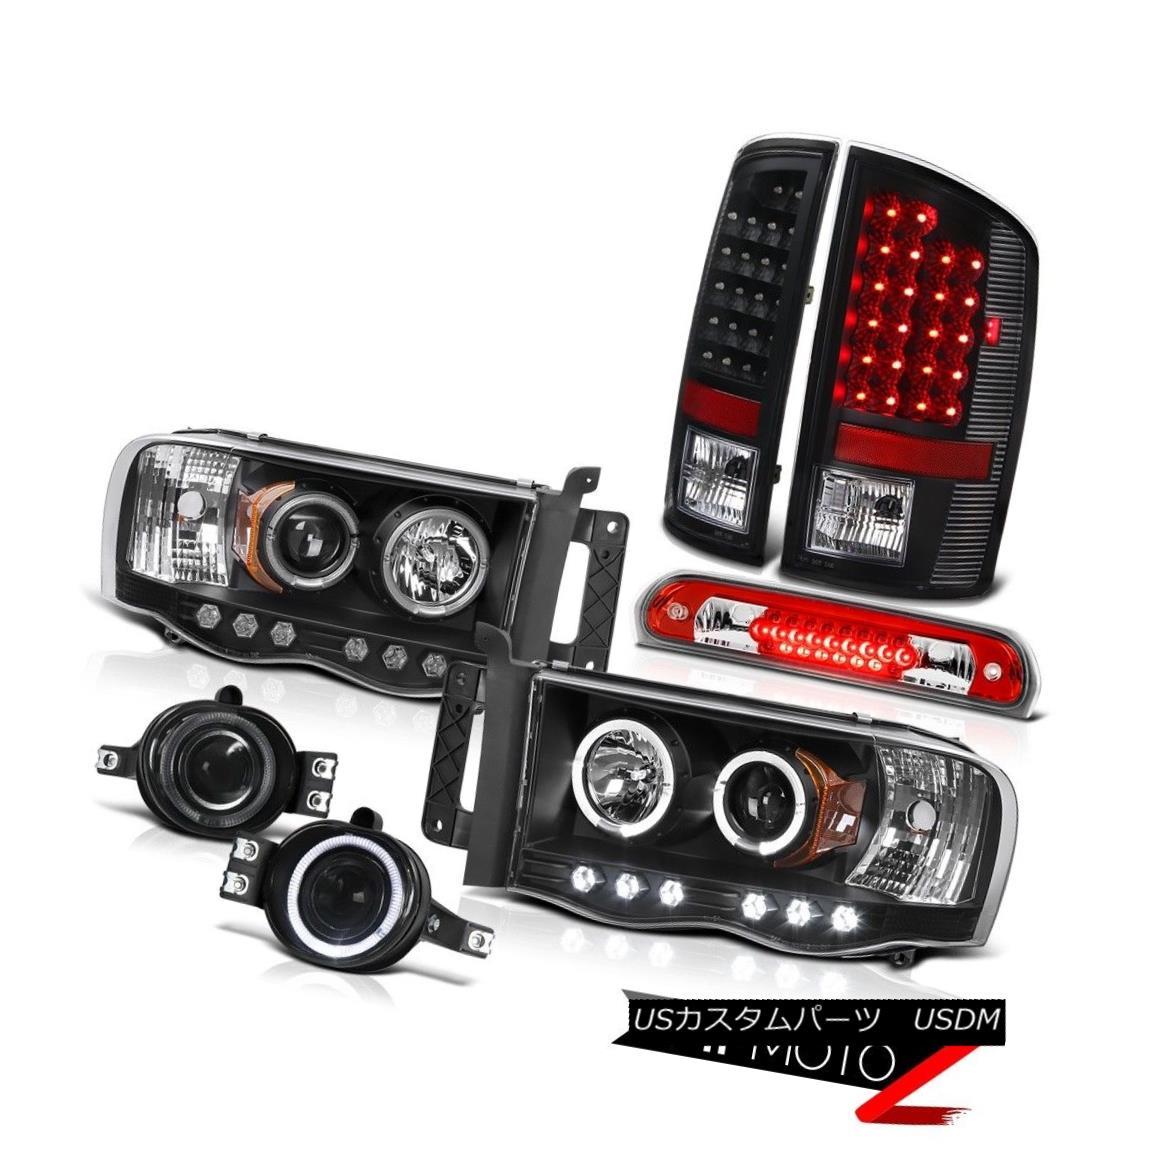 テールライト 02-05 Ram SRT-10 Black Halo Rim LED Headlights Brake Tail Lights Foglights 3rd 02-05ラムSRT-10ブラックハローリムLEDヘッドライトブレーキテールライトフォグライト3rd